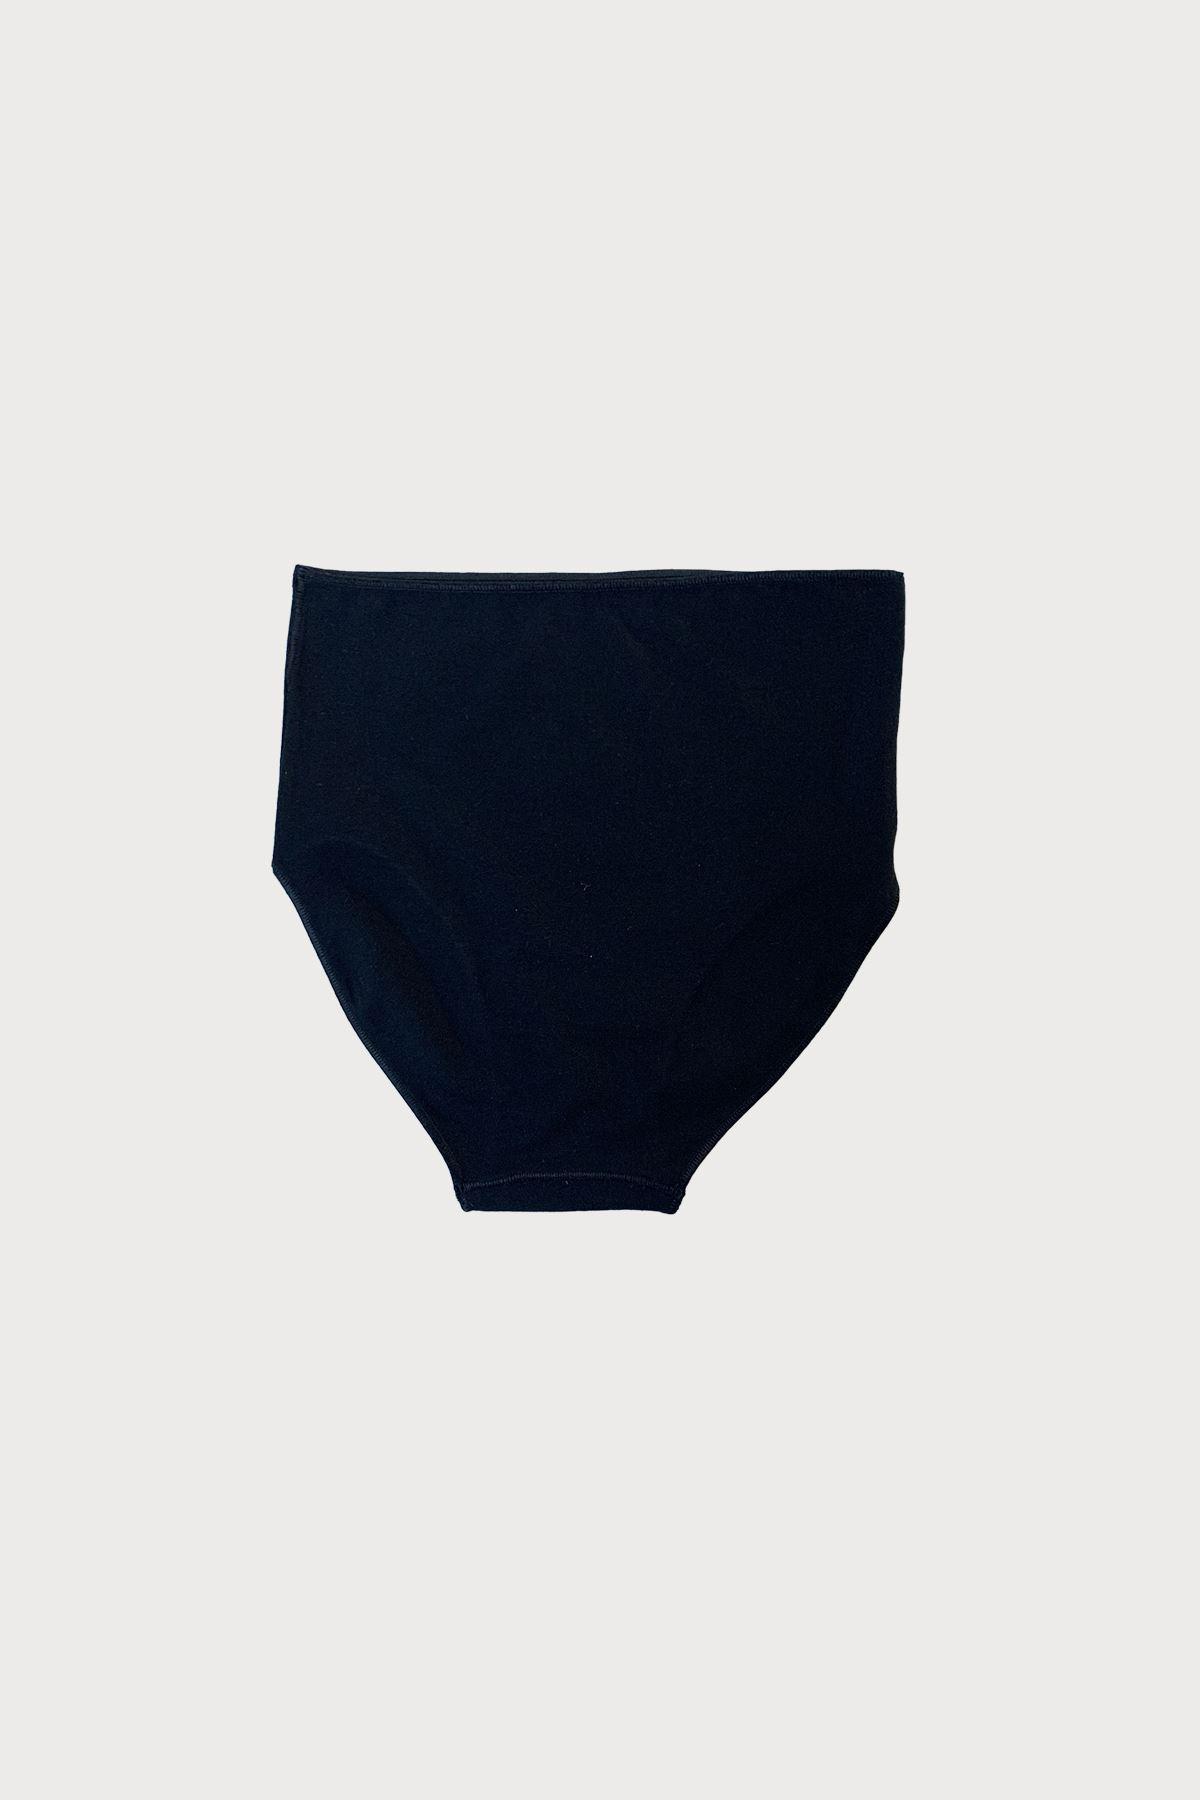 Malabadi Kadın 6 lı Paket Siyah Beyaz Ten Modal Extra Yüksek Bel Slip Külot 1955